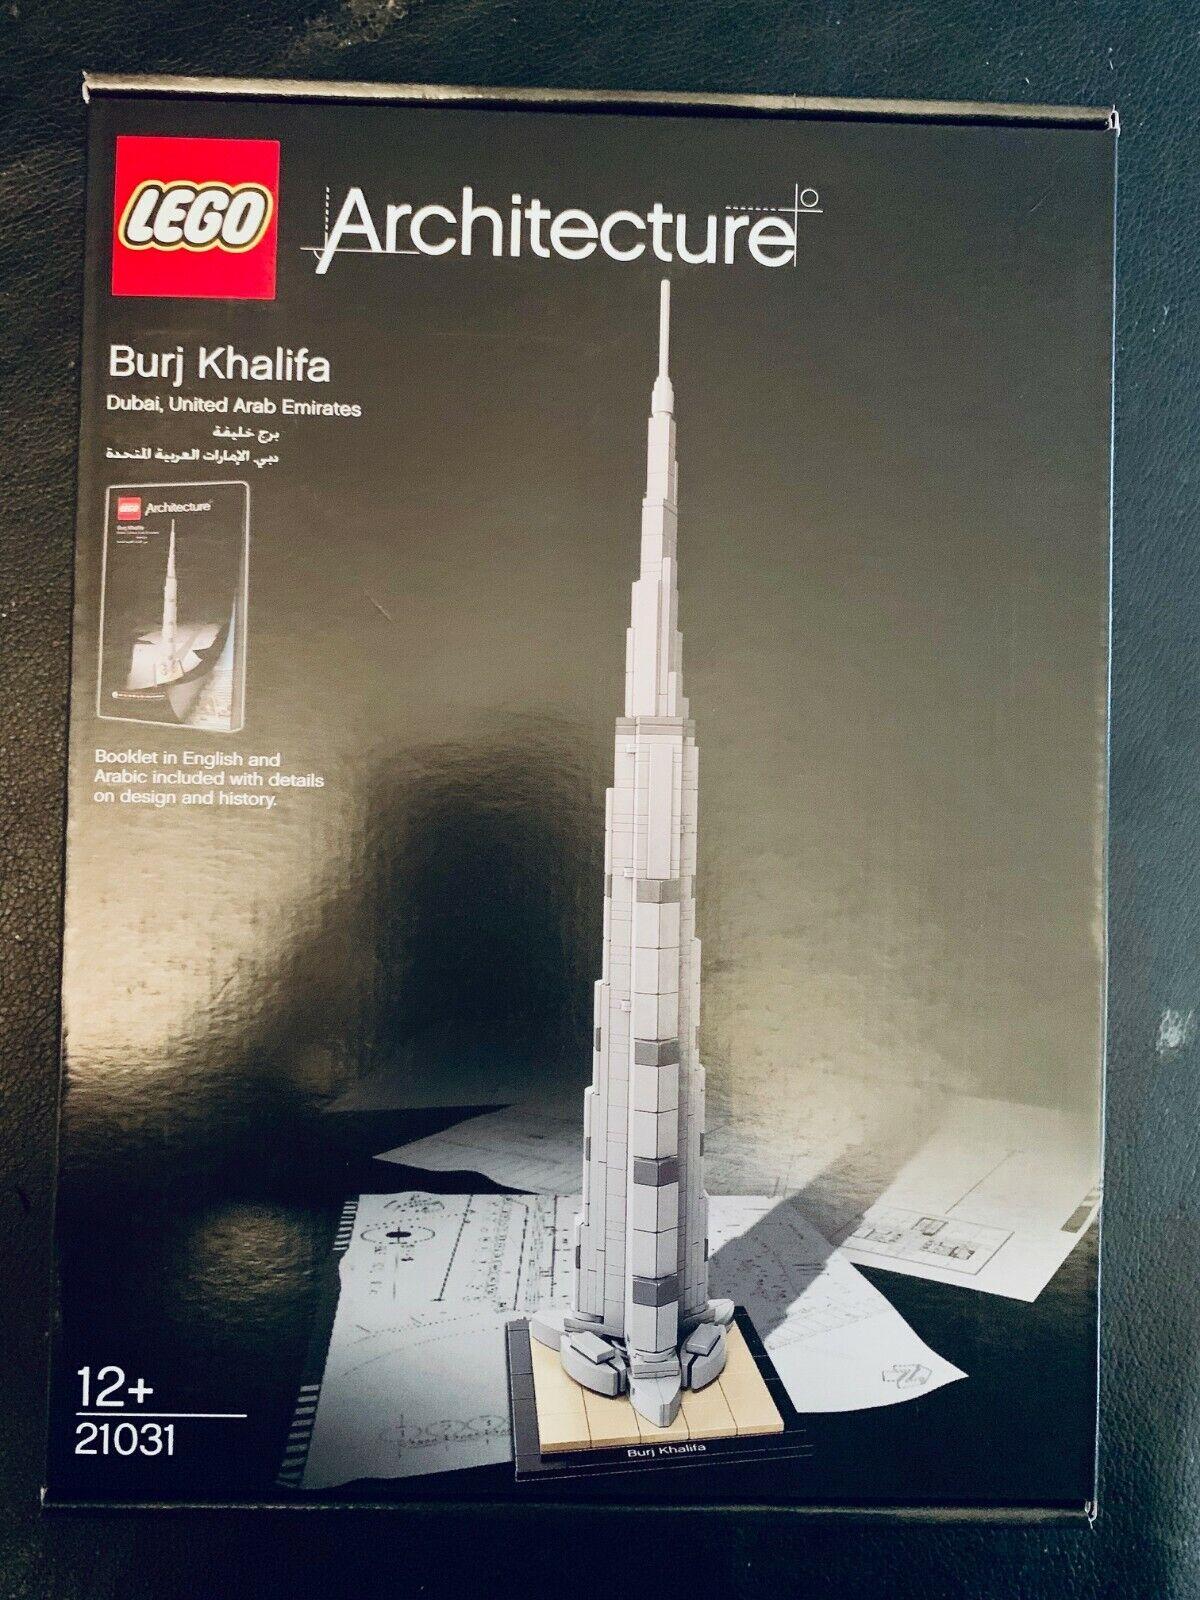 Lego Arquitectura Burj Khalifa retirado rara 21031 desde Dubai Emiratos Árabes Unidos en árabe